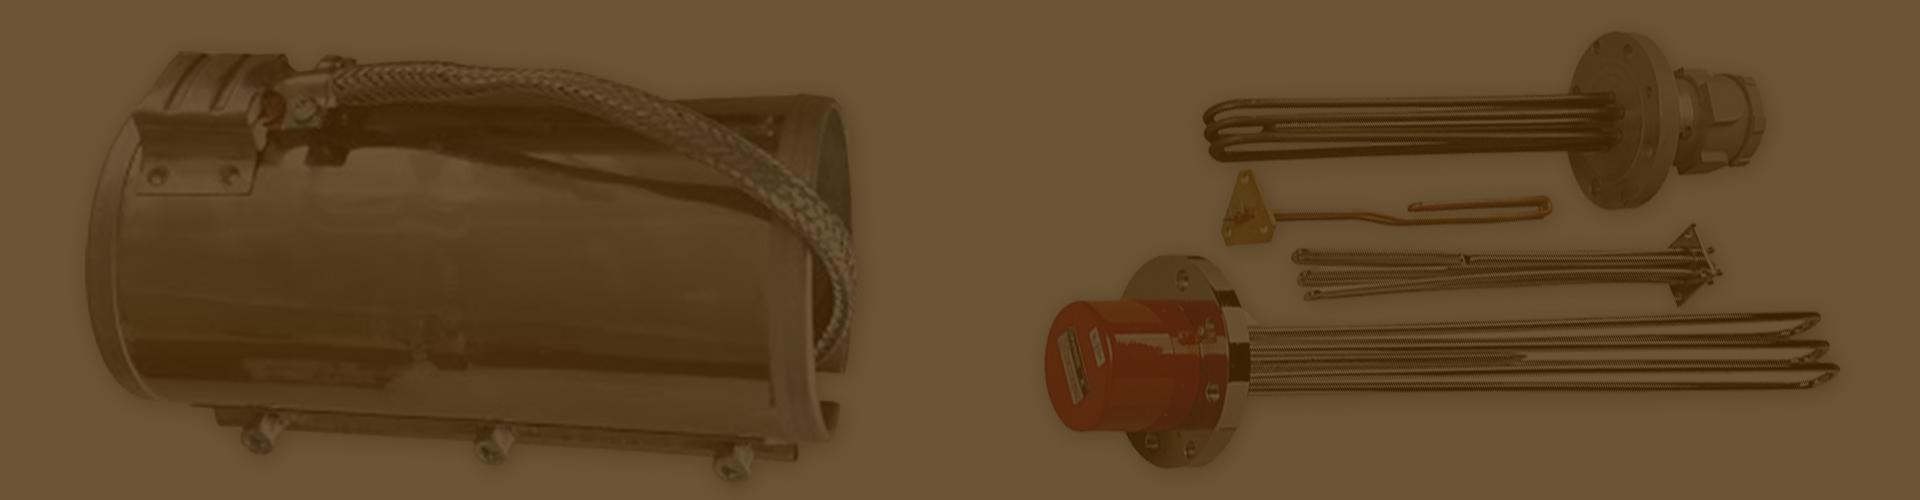 รับออกแบบ ผลิต และจำหน่ายอุปกรณ์ทำความร้อน (Heater) ทุกชนิด